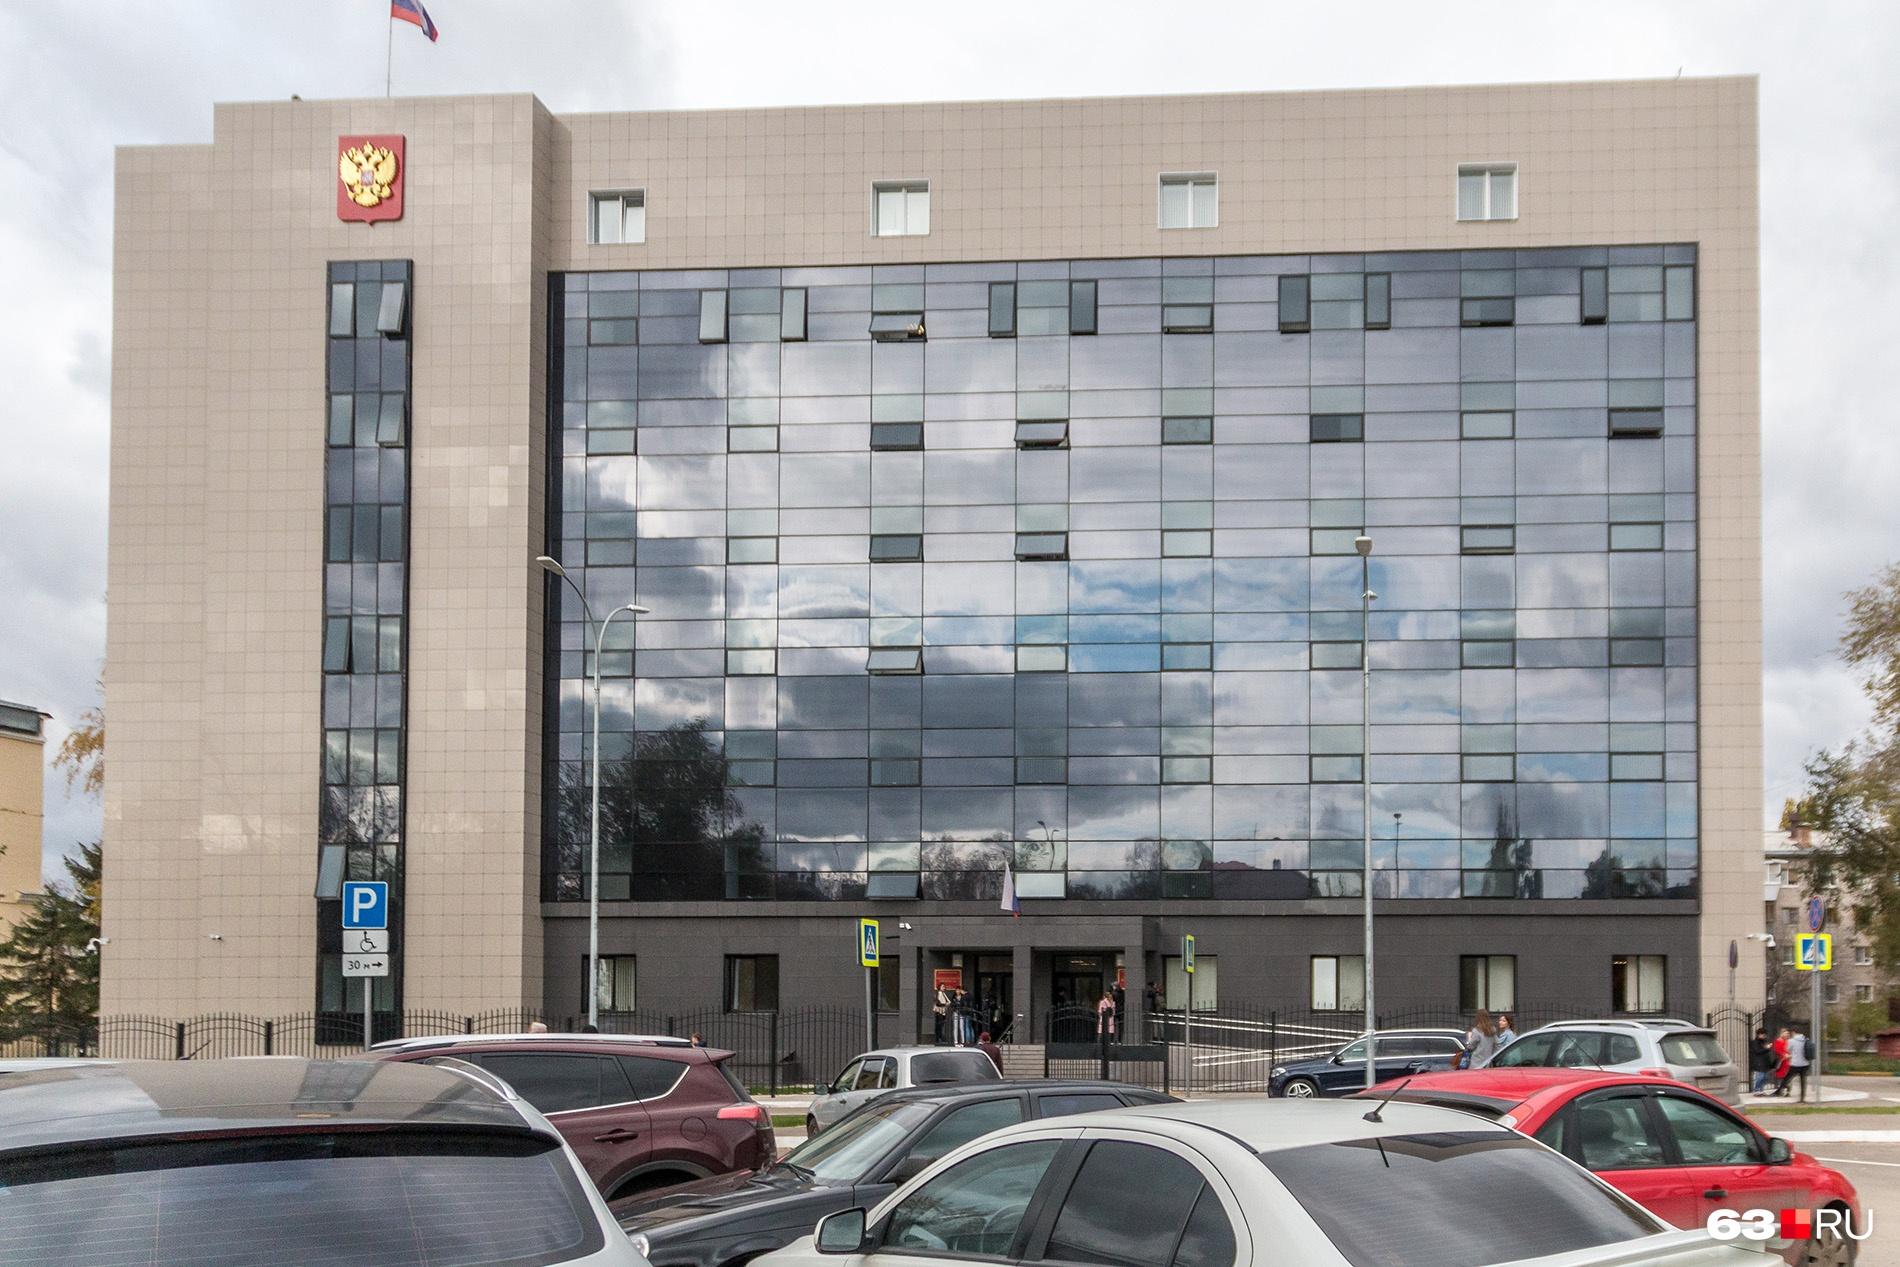 Сейчас в здании соседствуют Железнодорожный и Ленинский суды